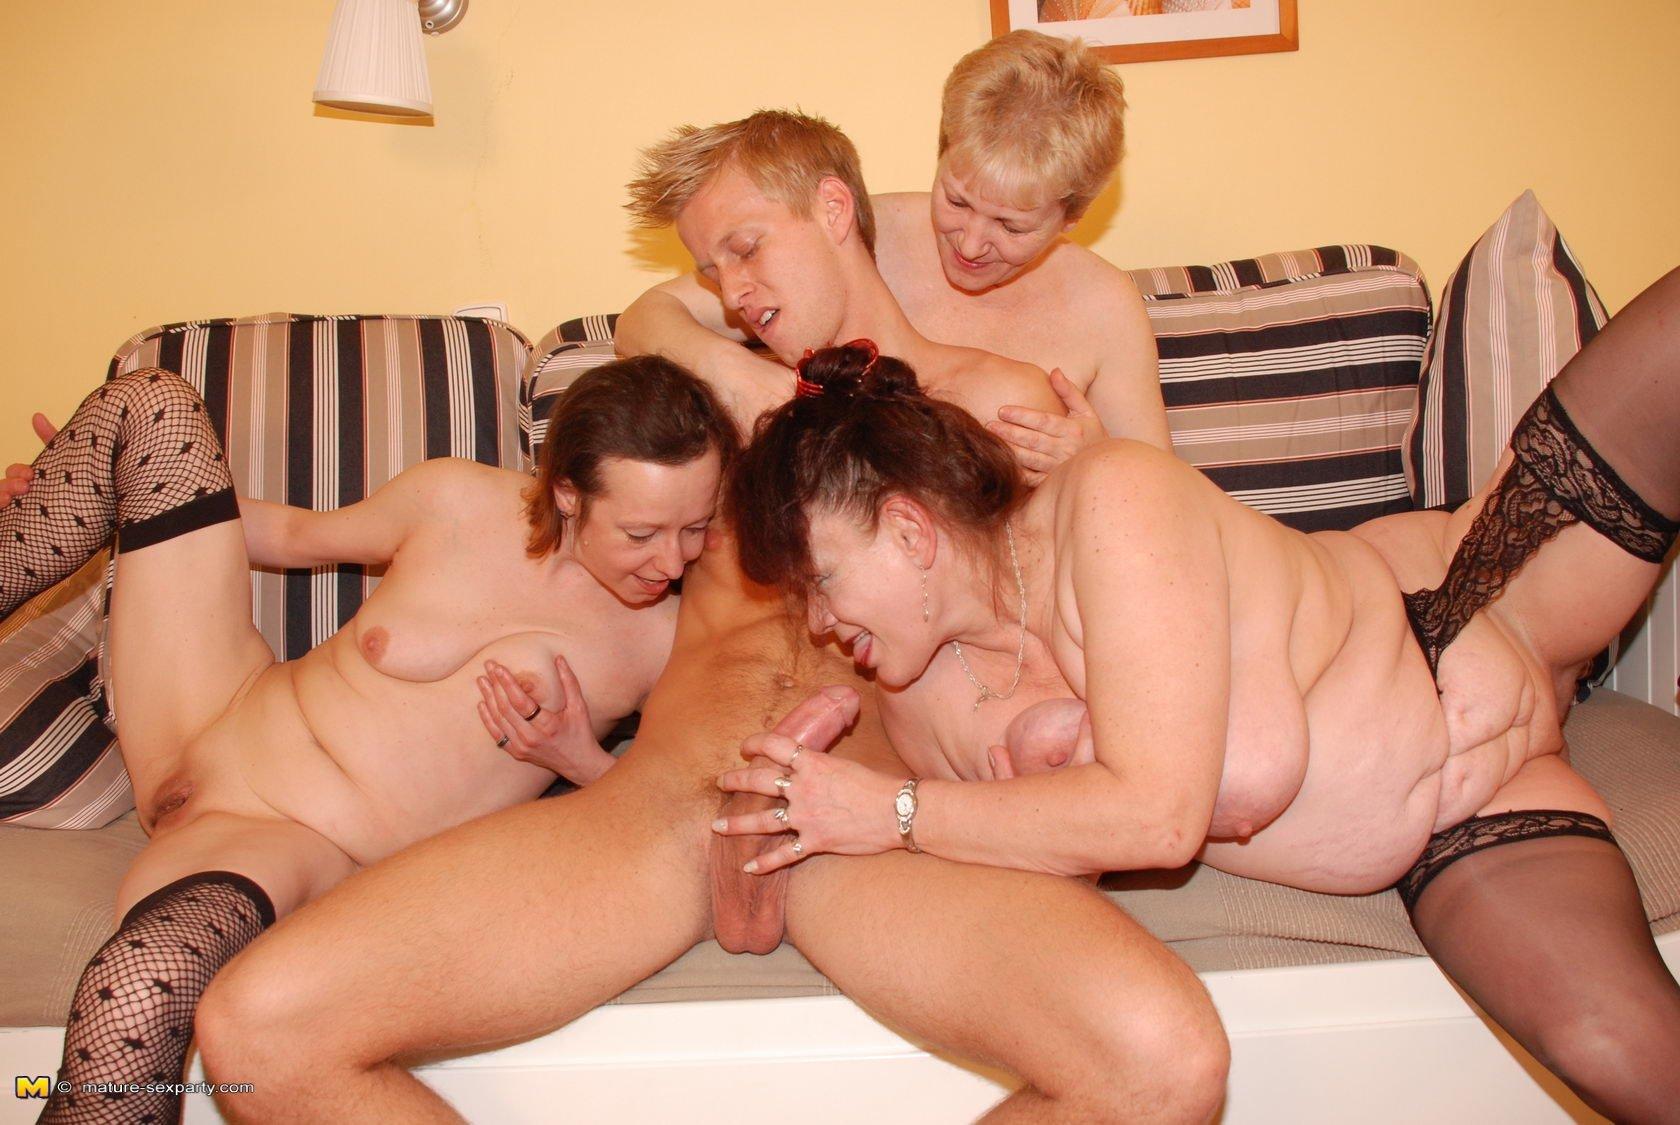 Секс фото маме, Мамочки в порно фото занимаются еблей 12 фотография